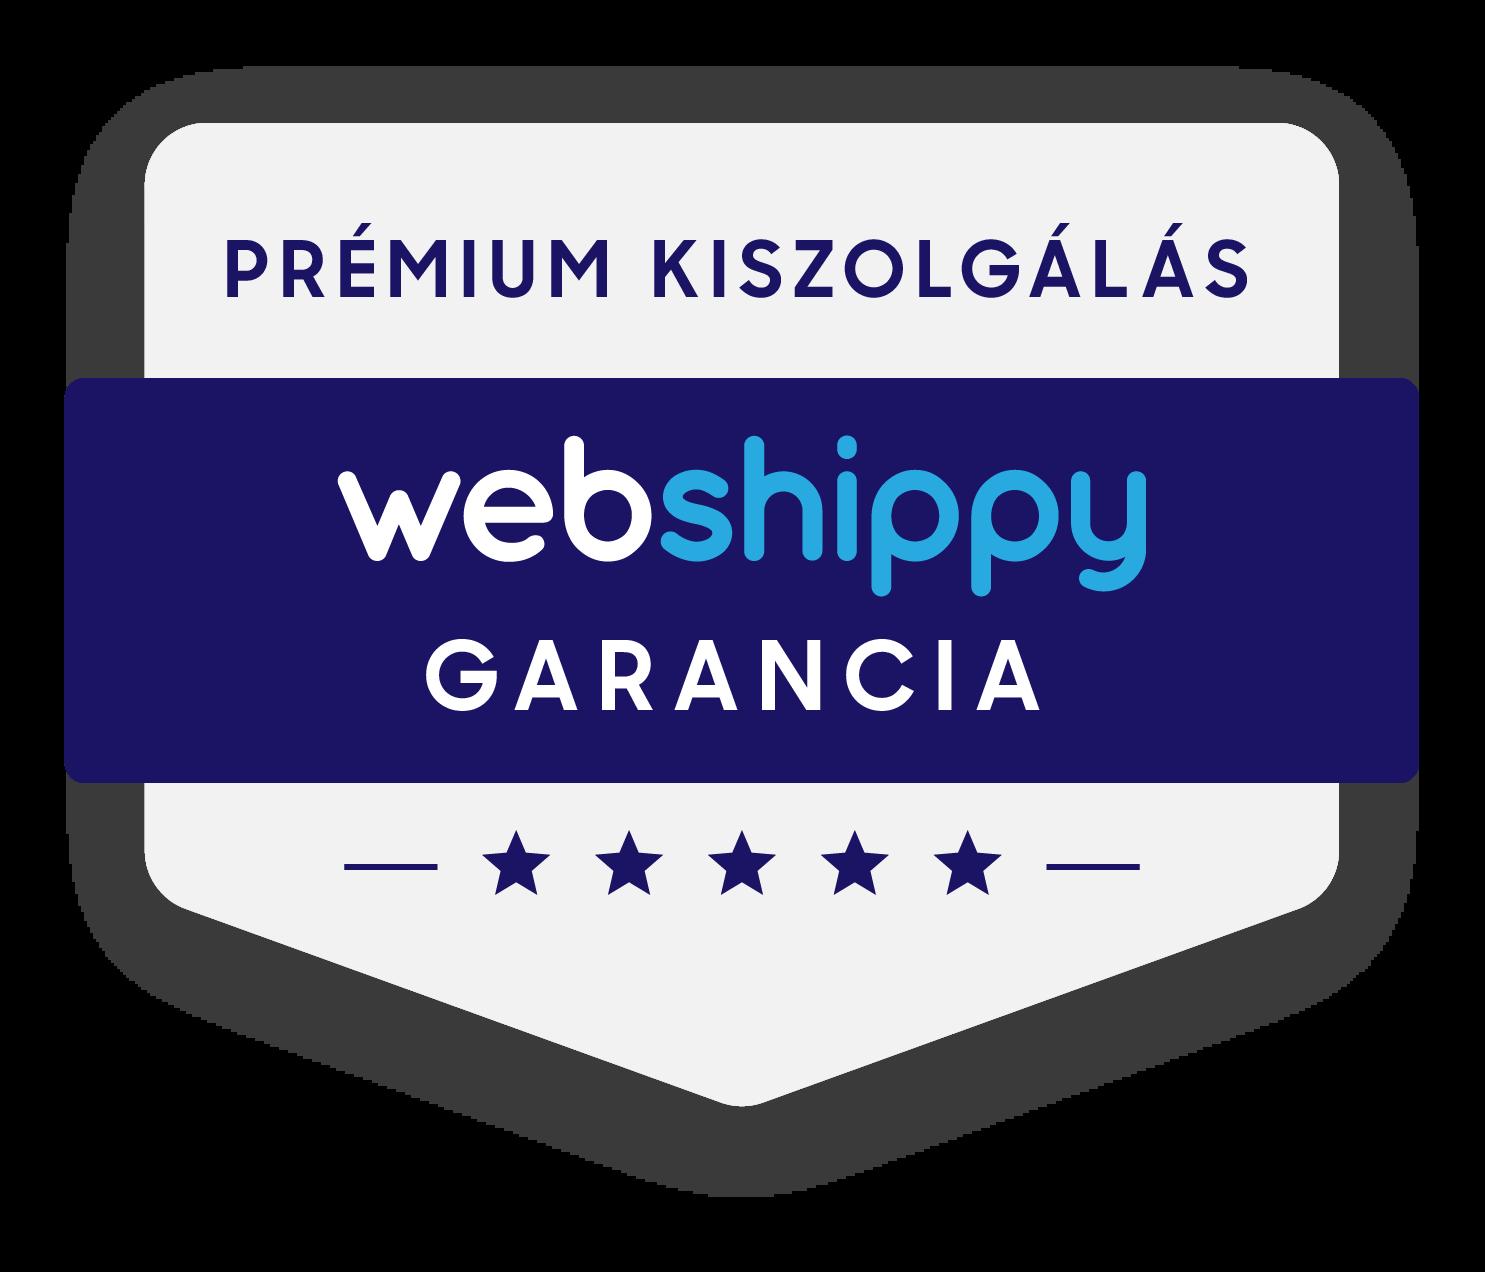 webshippy garancia logo, kiszervezett logisztika